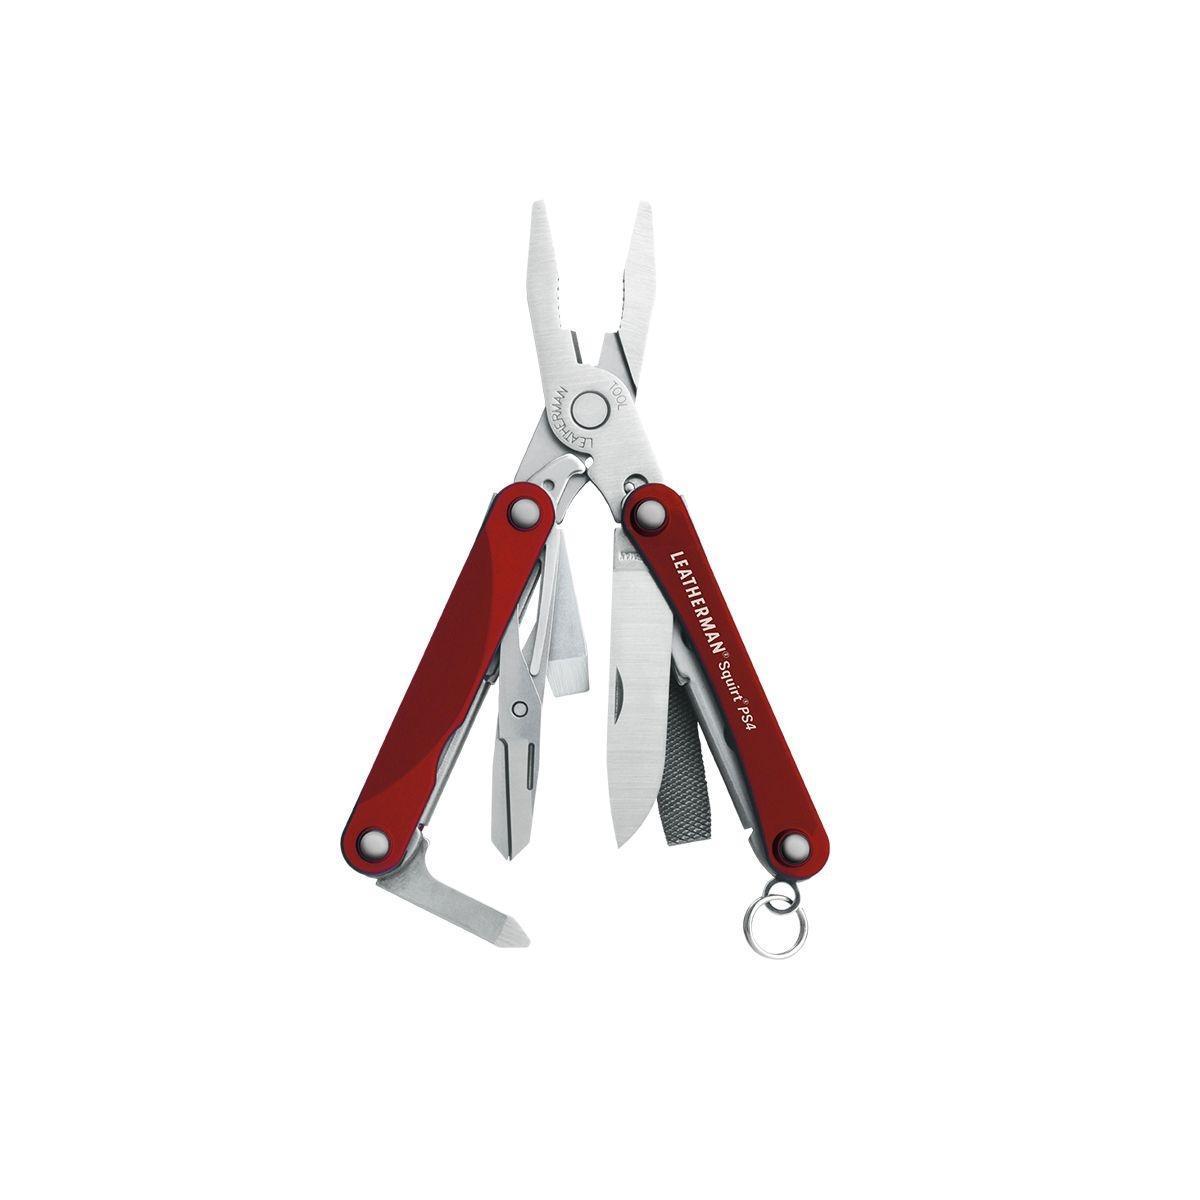 Leatherman Squirt PS4 мультитул, RedG2019SМультитул Leatherman Squirt PS4 - стильный, удобный, очень компактный и небольшого веса. Корпус выполнен из нержавеющей стали, накладки рукояток - анодированный алюминиевый сплав.Мультитул можно использовать как брелок для ключей. Мультитул упакован в металлическую коробку.Инструменты:Нож прямой; Плоскогубцы; Кусачки для проводов; Средняя плоская отвертка; Крестовая отвертка; Ножницы; Напильник по дереву и металлу; Открывалка для бутылок. Характеристики:Длина (в сложенном виде): 5,5 см. Длина (в открытом виде): 10 см. Вес: 56,4 г. Материал: нержавеющая сталь 420НС, анодированный алюминиевый сплав 6061-T6. Артикул: 831228. Производитель: США. Инструменты Leatherman произведены в США. Только у ТМ Leatherman действительная Фирменная Гарантия 25 лет, она осуществляется путем обмена поврежденного изделия на новое. Без экспертиз и долгого ожидания. Продукция сертифицирована на территории РФ. Гарантийный срок25 лет. Возврат товара возможен только через сервисный центр.Время работысервисного центра: Пн-чт: 10.00-18.00Пт:10.00- 17.00Сб, Вс: выходные дниАдрес:129223, Россия, Москва, пр-кт Мира, 119 (ВВЦ), строение 323.